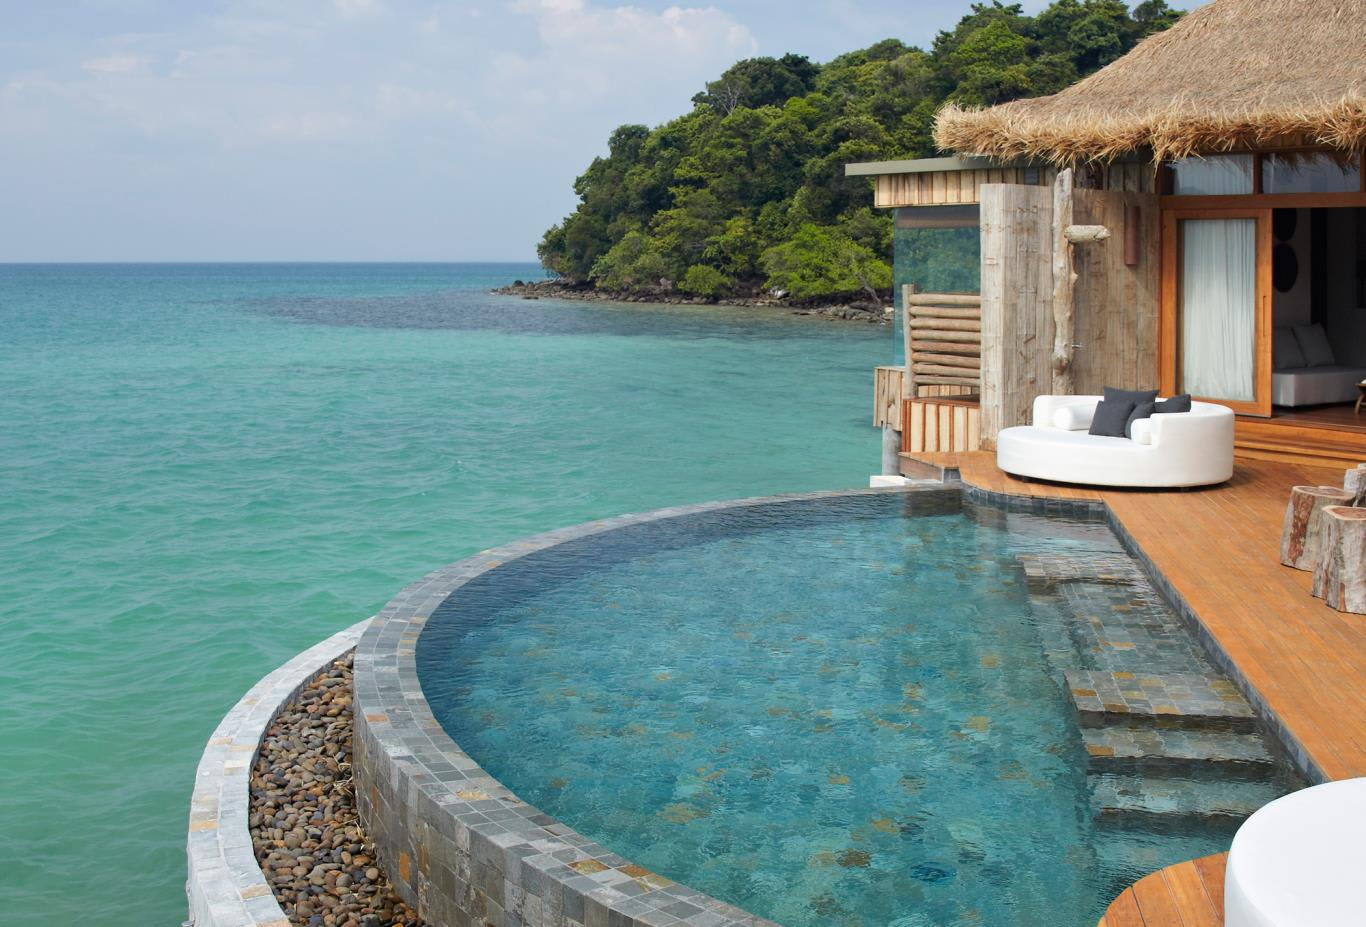 Villa-overwater-villa-pool-villa-2